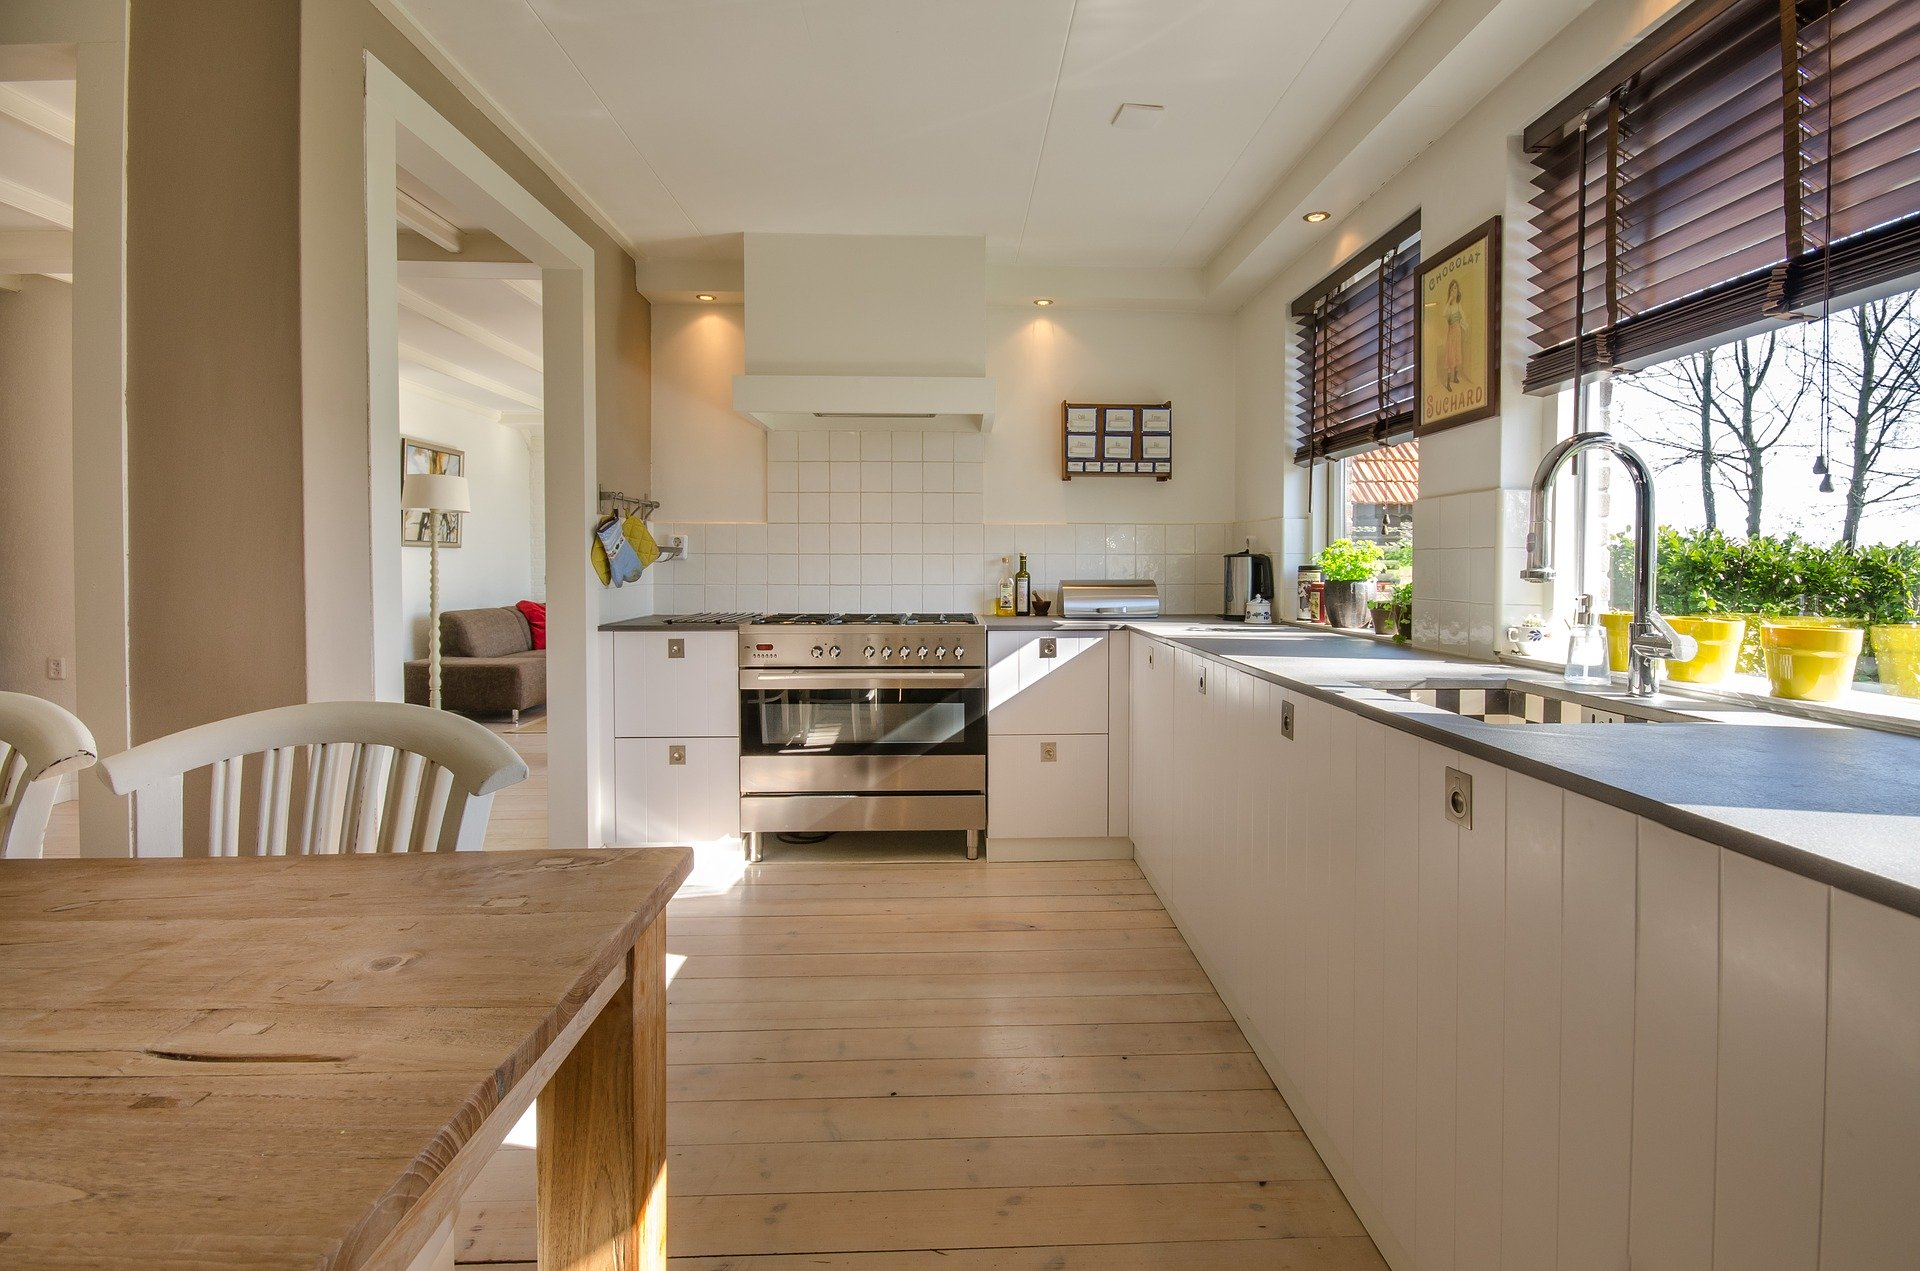 Biała farba do ścian w aranżacji kuchni. 4 sprawdzone inspiracje na piękną, białą kuchnię